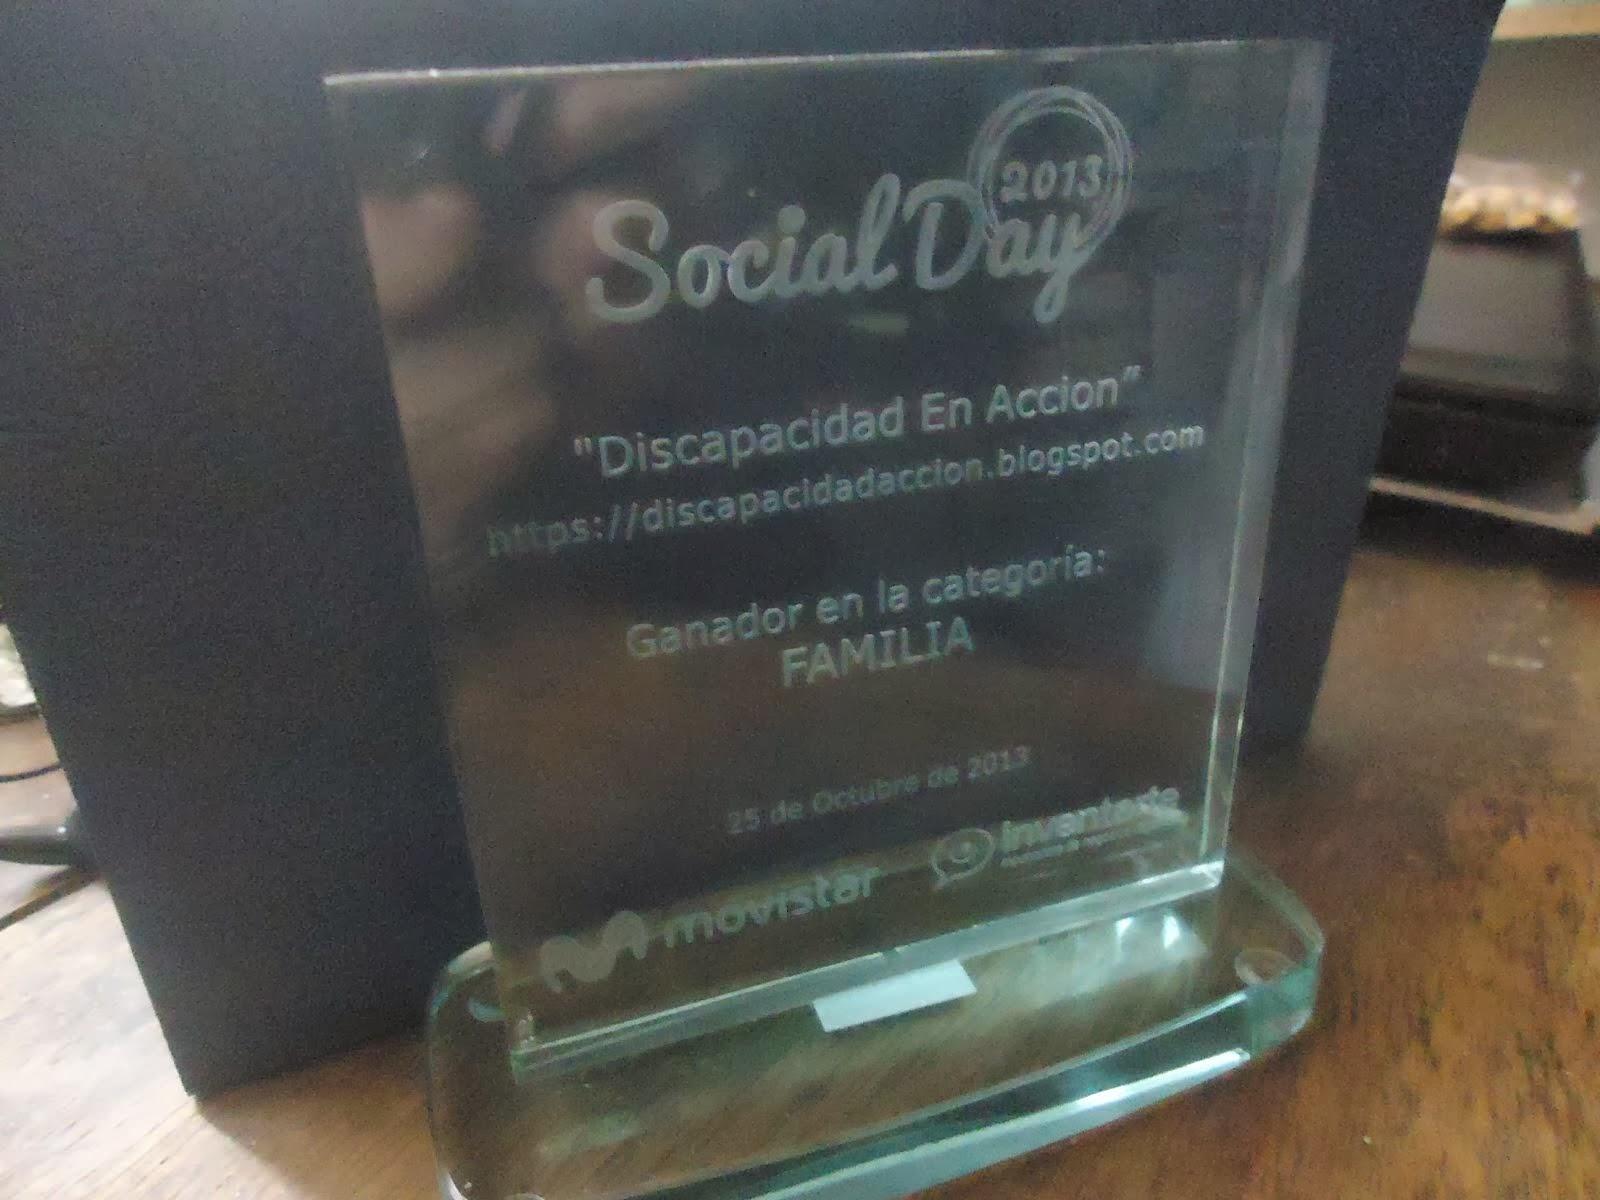 """SOMOS GANADORES DEL PREMIO AL MEJOR BLOG EN LA CATEGORIA FAMILIA EN EL CONCURSO """"SOCIAL DAY 2013"""""""